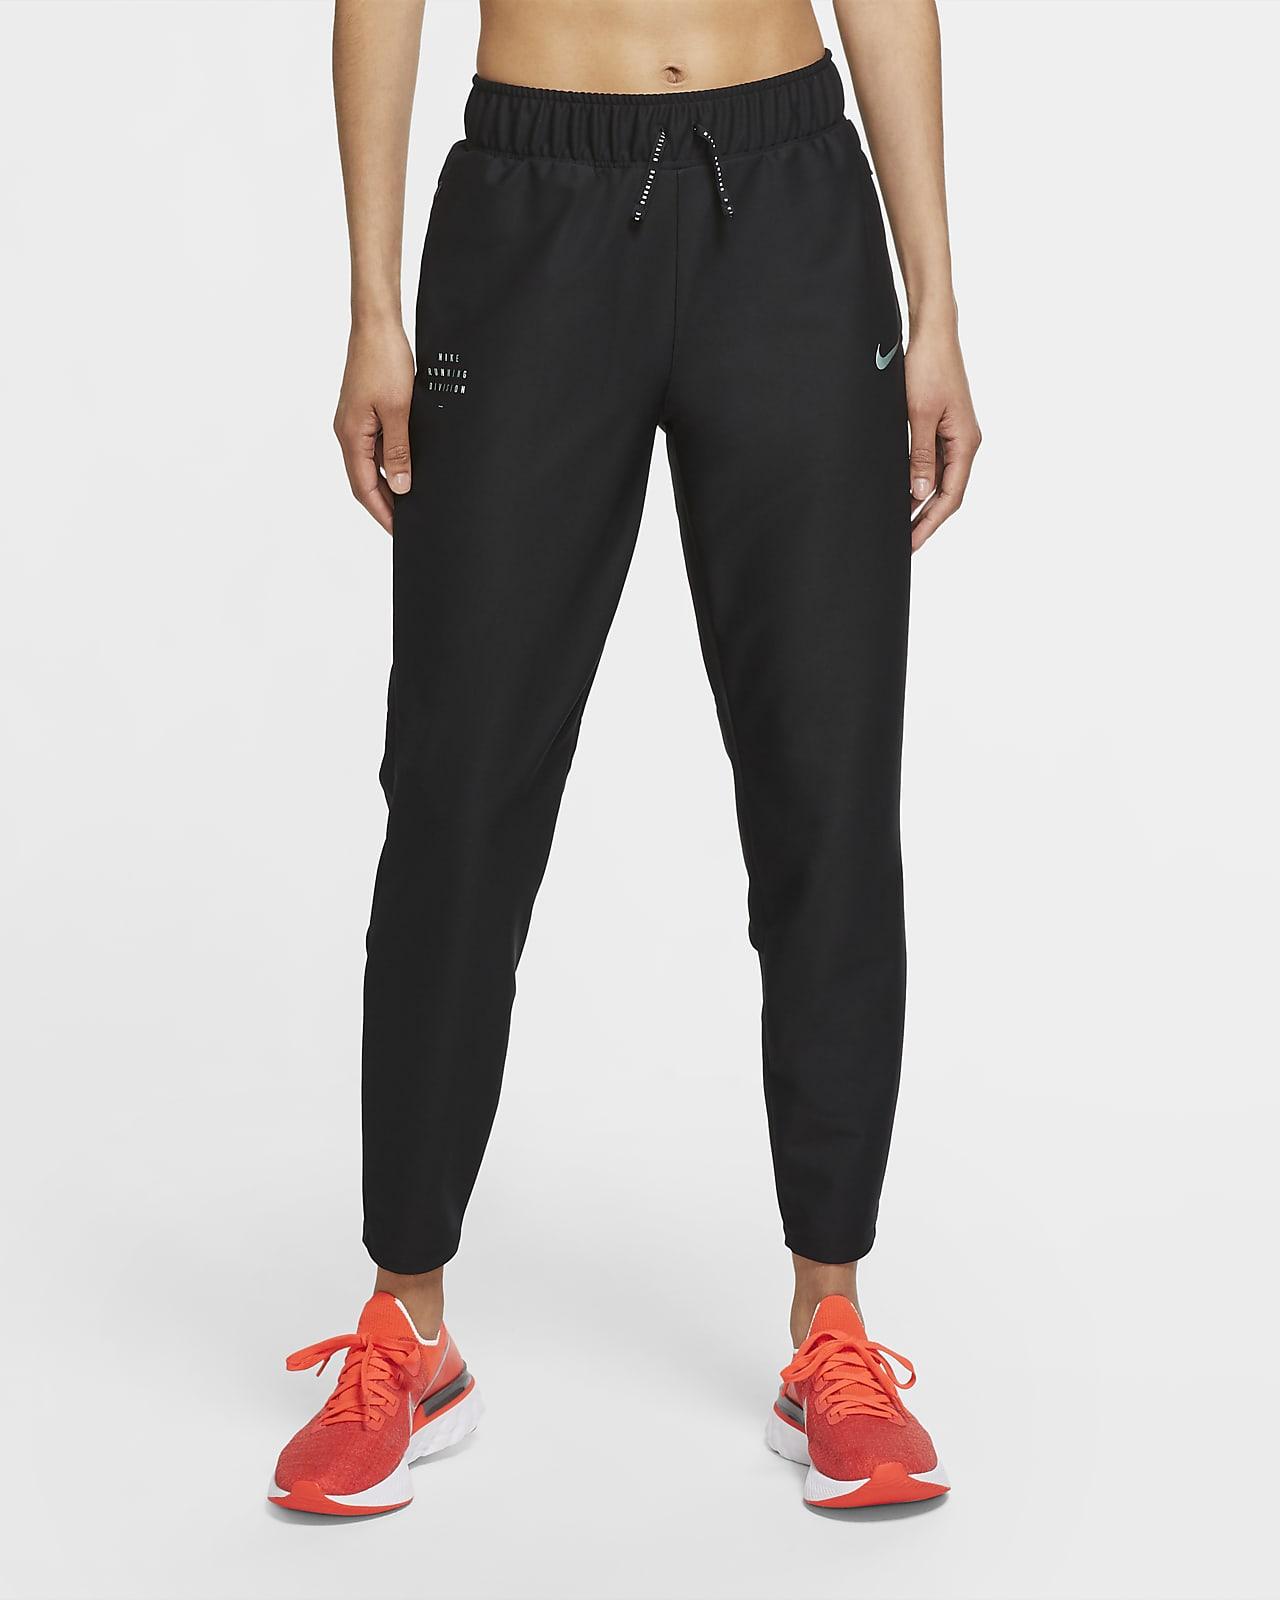 Pantalones de running para mujer Nike Shield Run Division